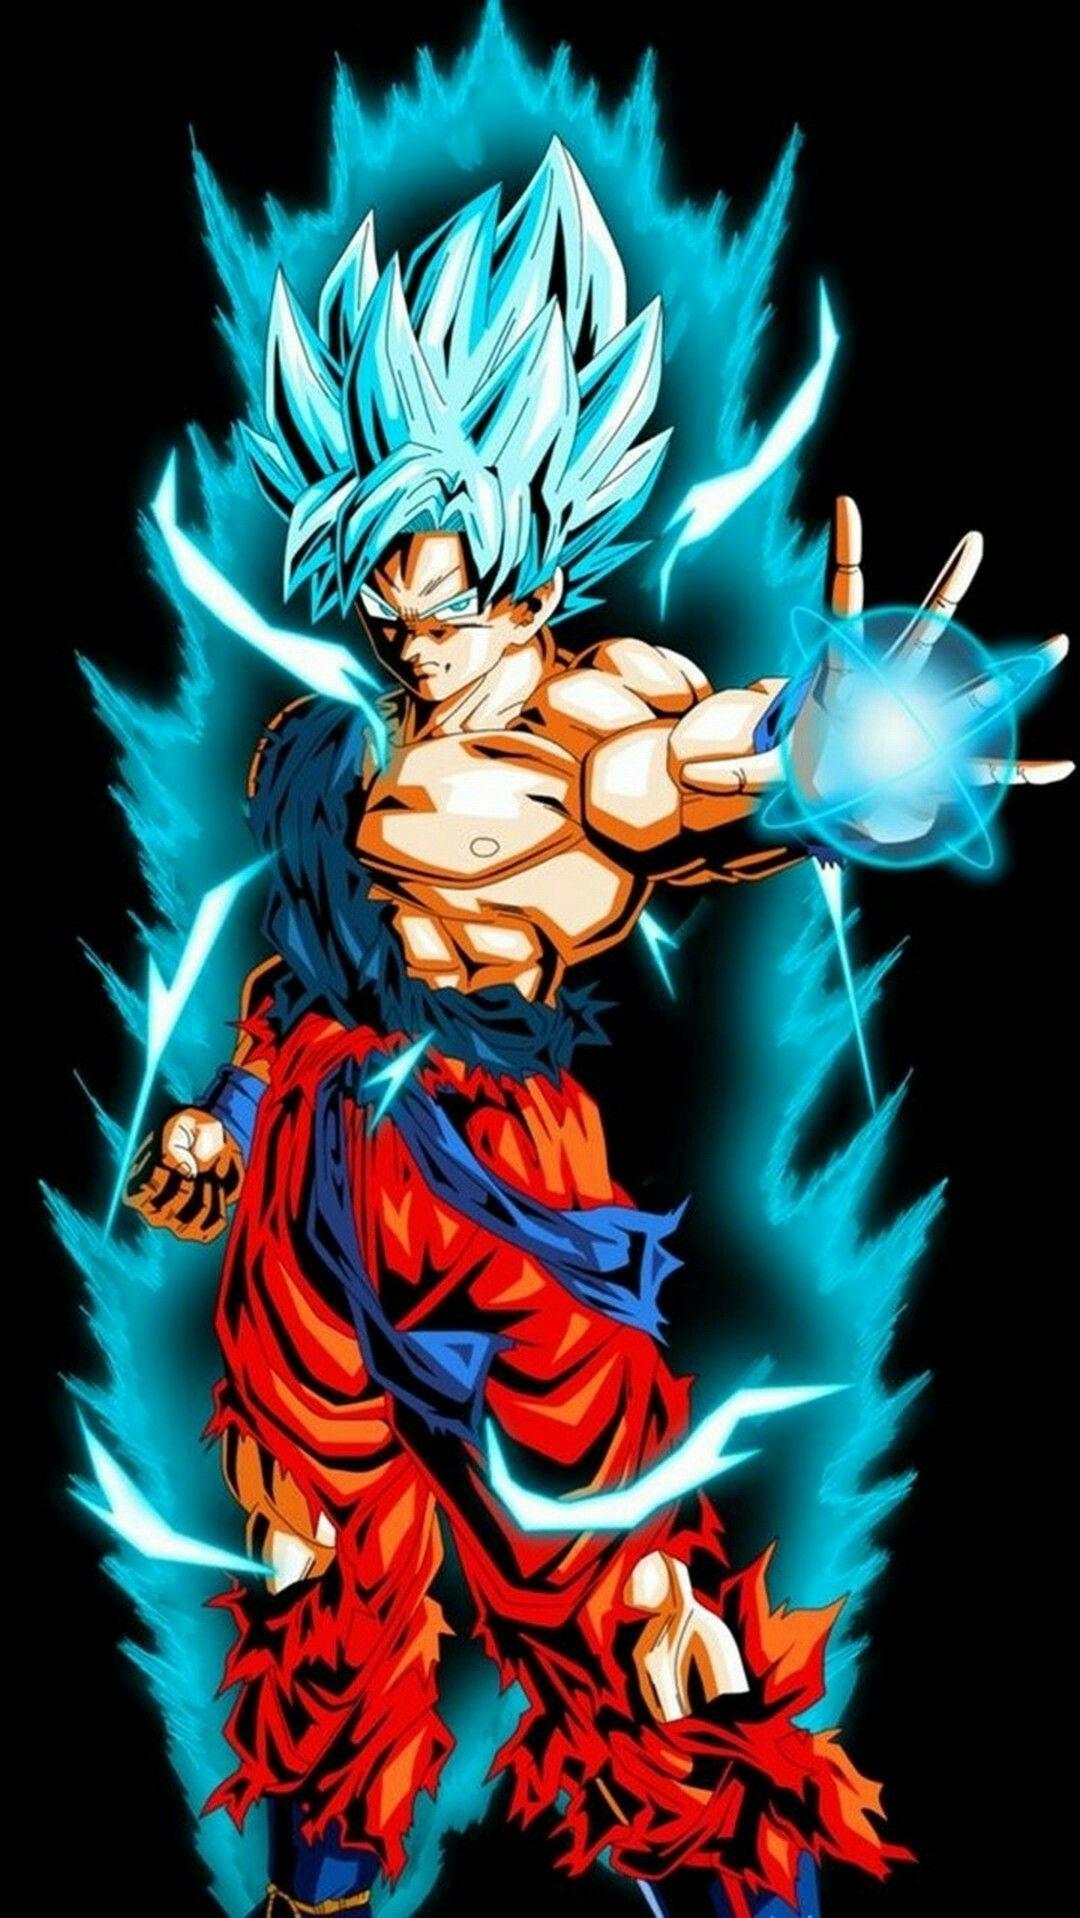 Epingle Par Ruan Andrade Sur Neymar Jr Coloriage Sangoku Fond D Ecran Goku Sangoku